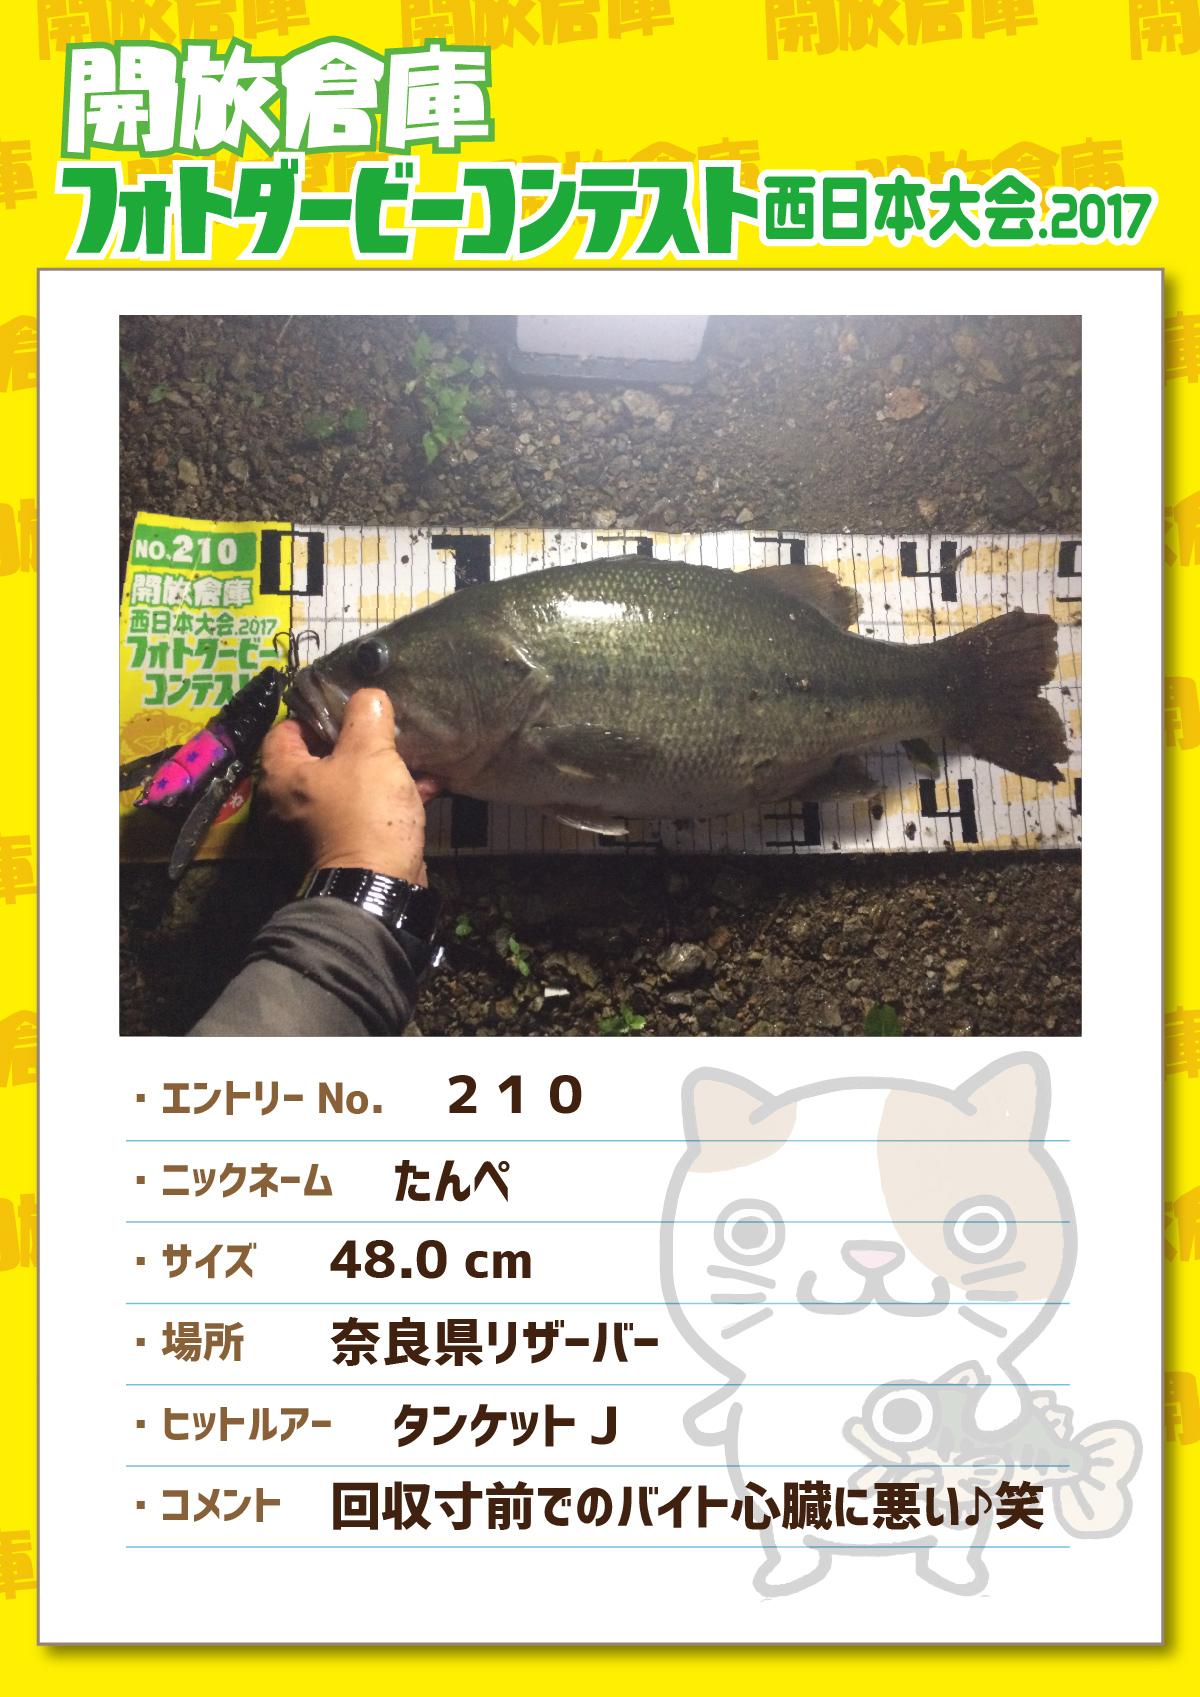 No.210 たんぺ 48.0cm 奈良県リザーバー タンケットJ 回収寸前でのバイト心臓に悪い♪笑